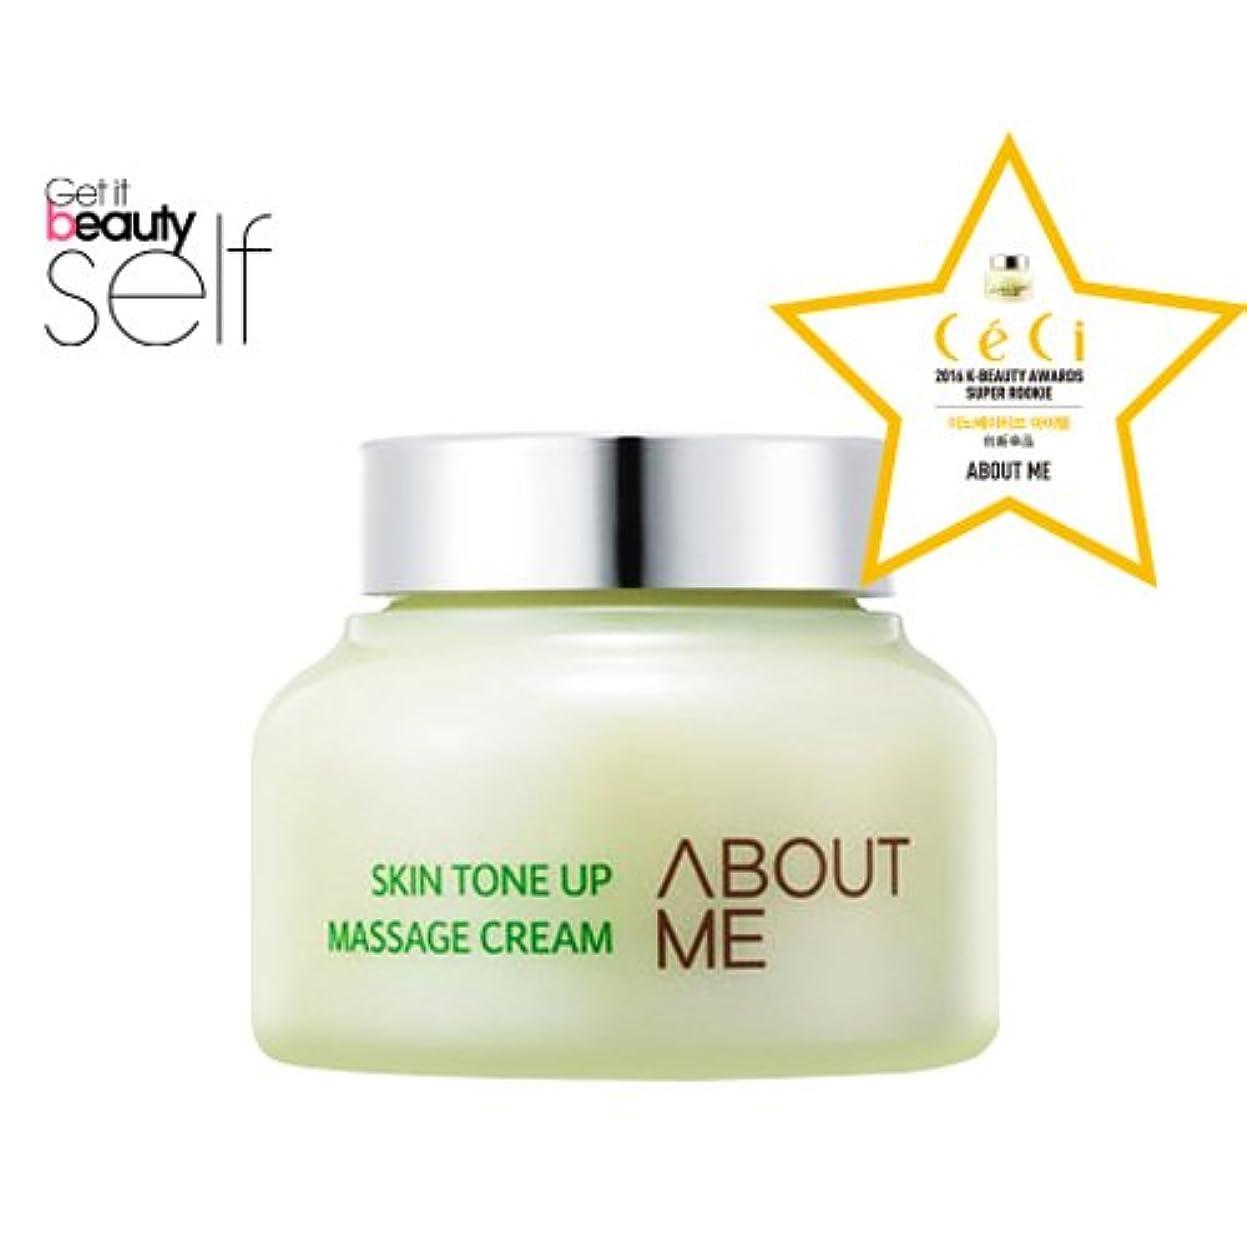 旅説教する葬儀[about me]アバウト米 スキントーンアップ マッサージクリーム 150ml Skin Tone Up Massage Cream 150ml